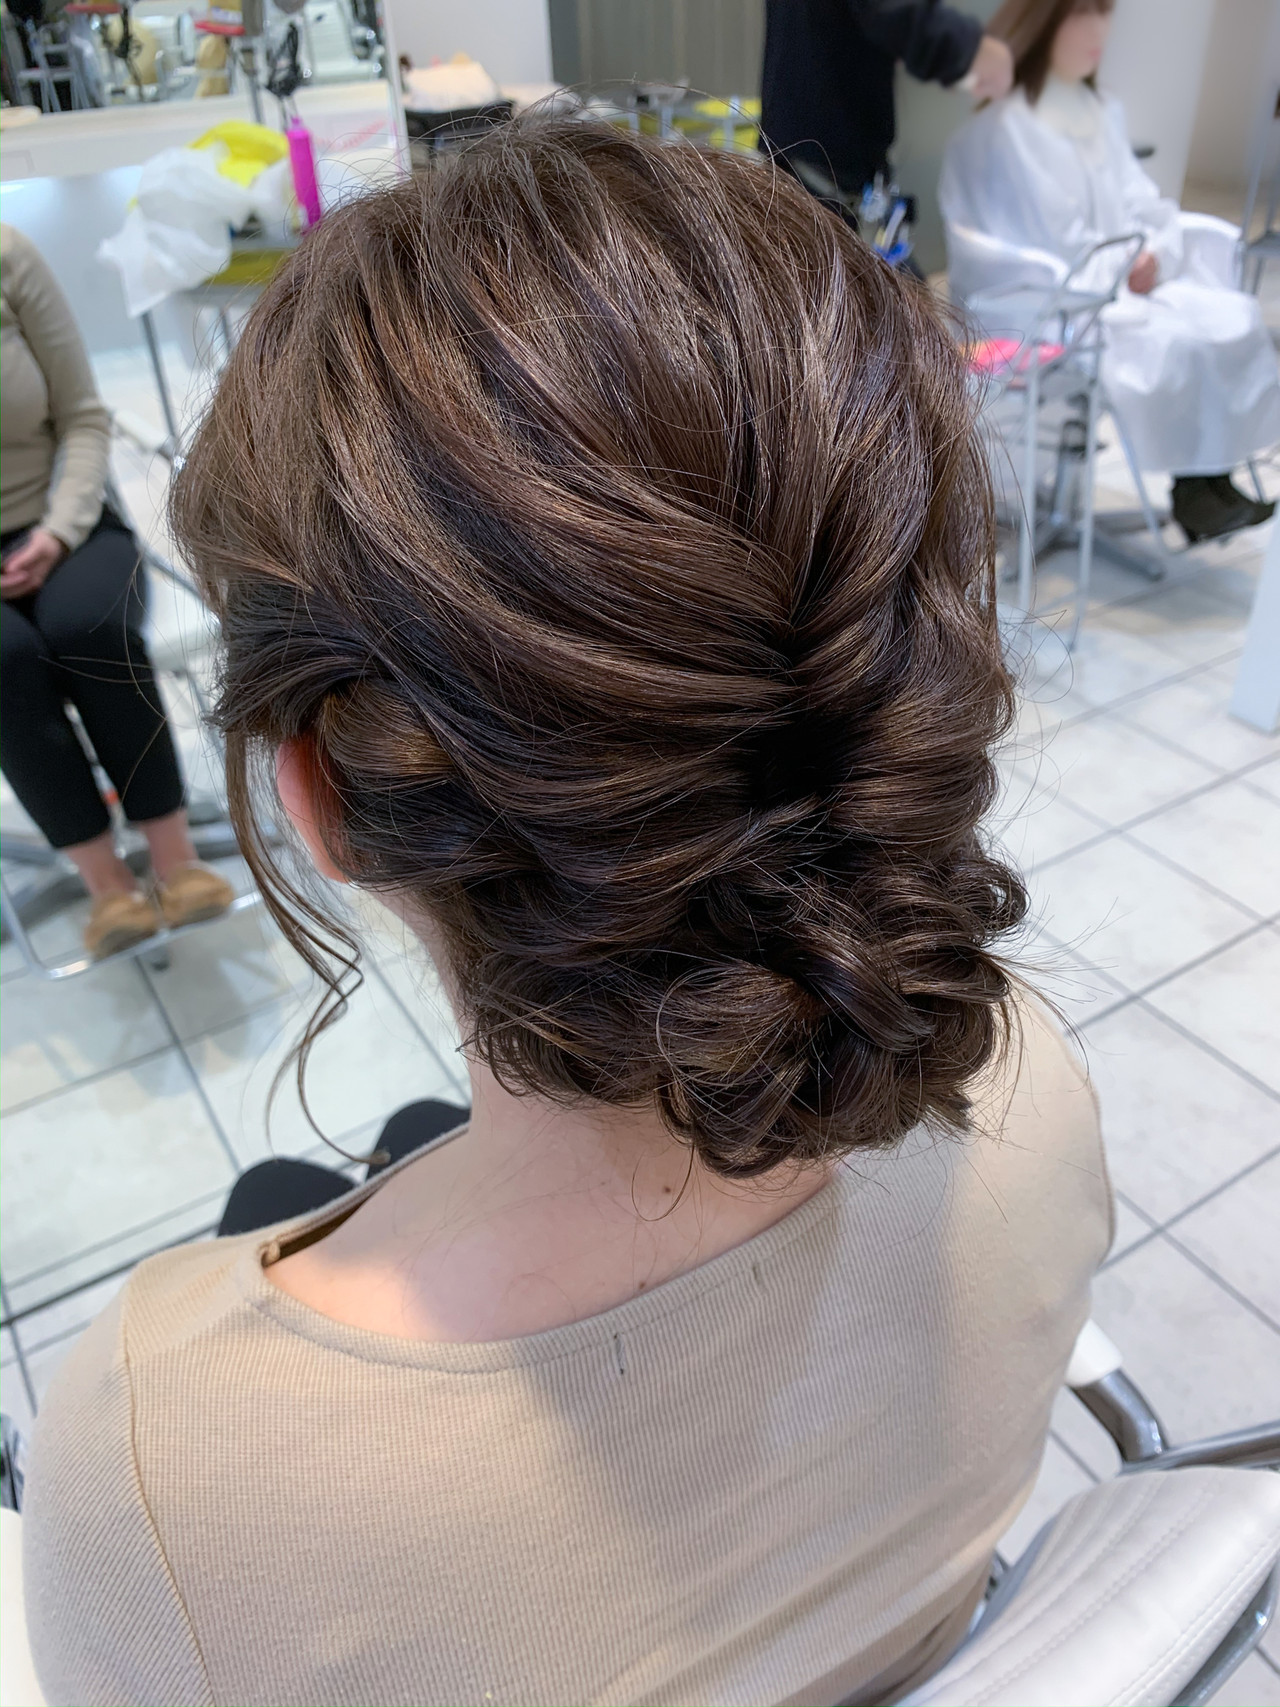 結婚式ヘアアレンジ 大人ヘアスタイル 編み込み セミロング ヘアスタイルや髪型の写真・画像